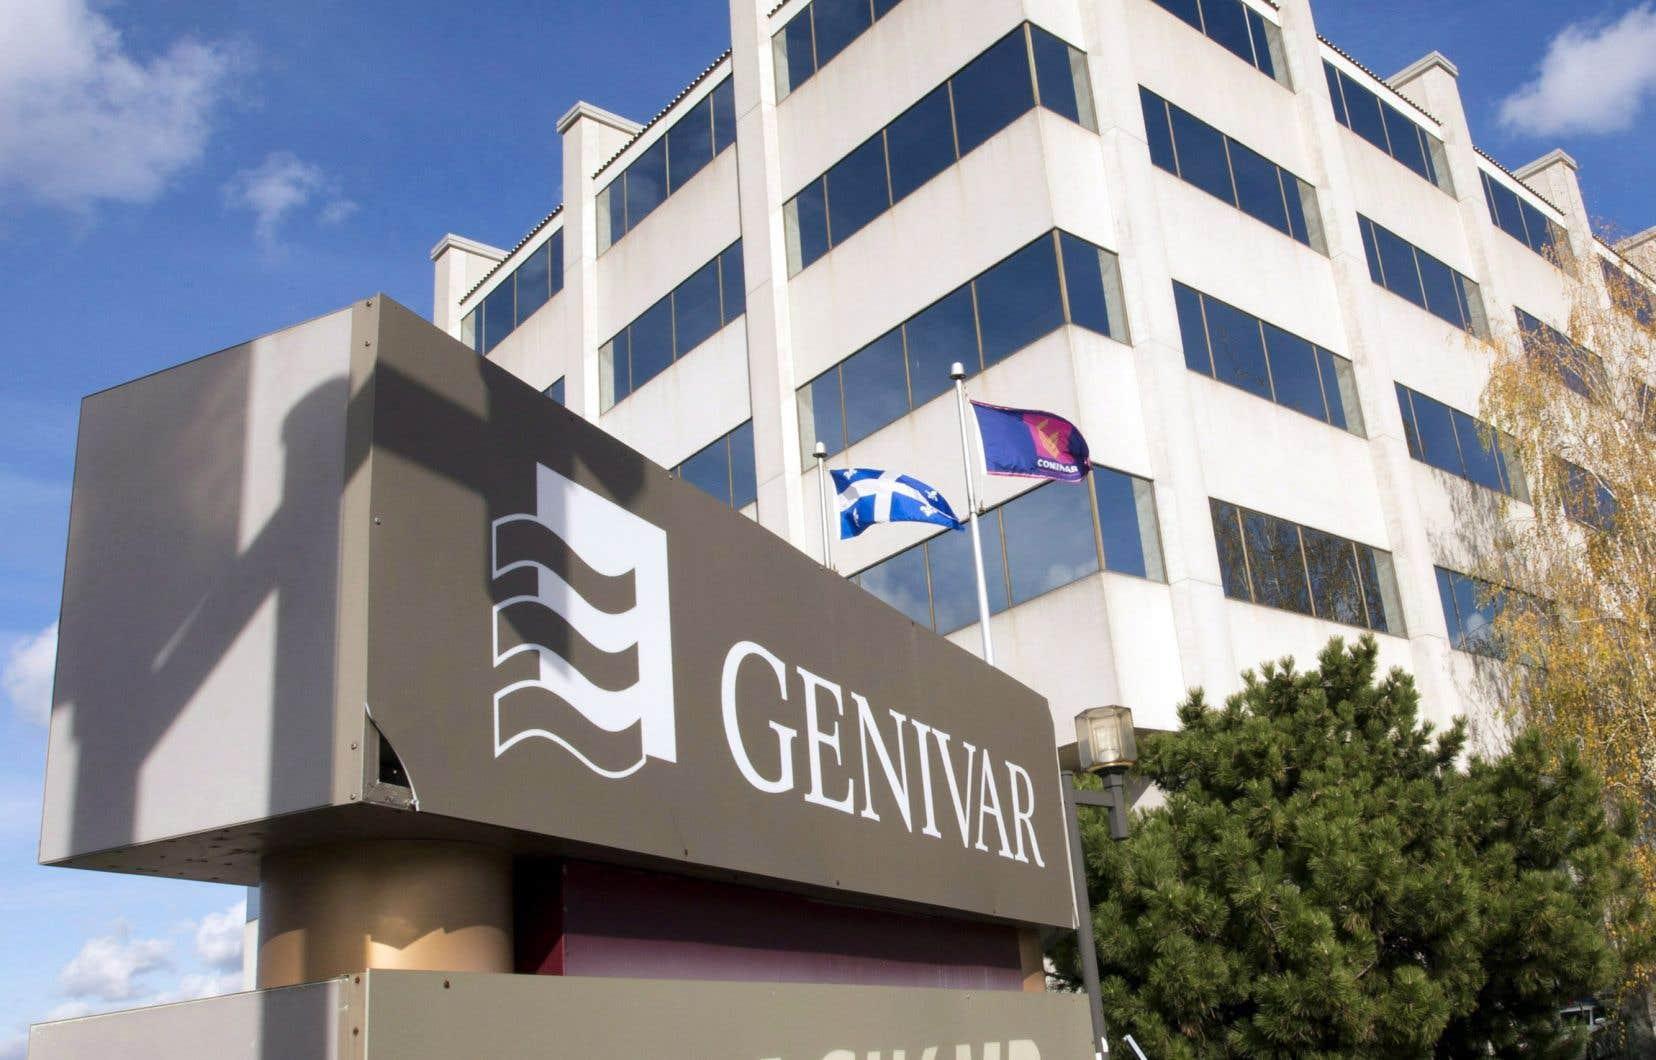 Pierre Shoiry est le neuvième ingénieur de la firme Génivar à être reconnu coupable par le conseil de discipline en lien avec un système de partage de contrats.